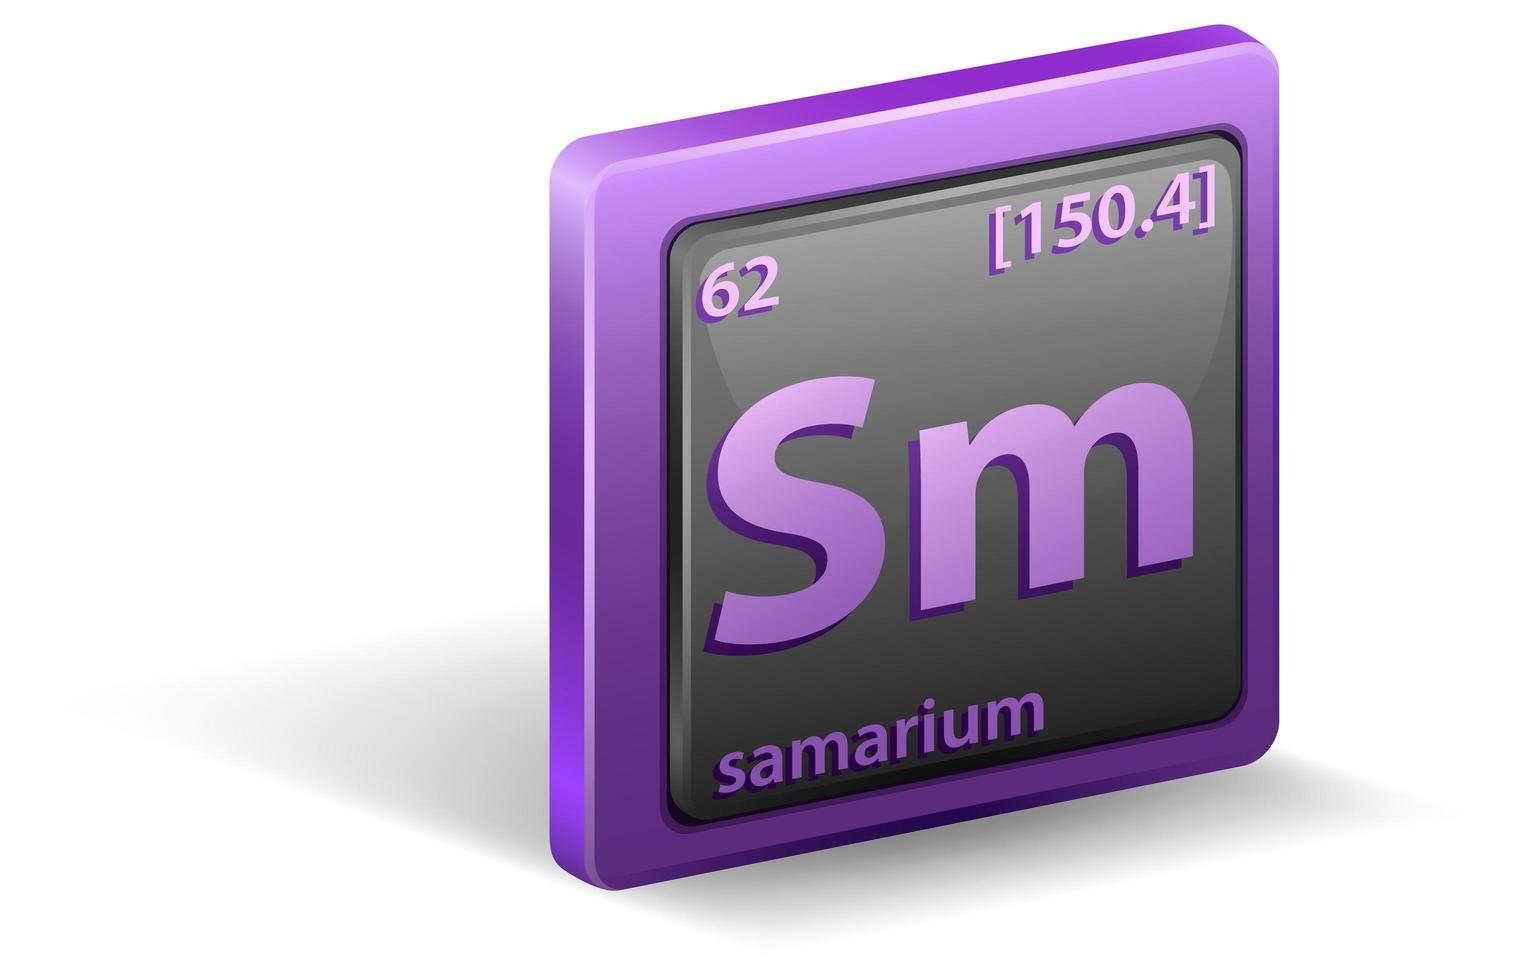 elemento químico de samario. símbolo químico con número atómico y masa atómica. vector